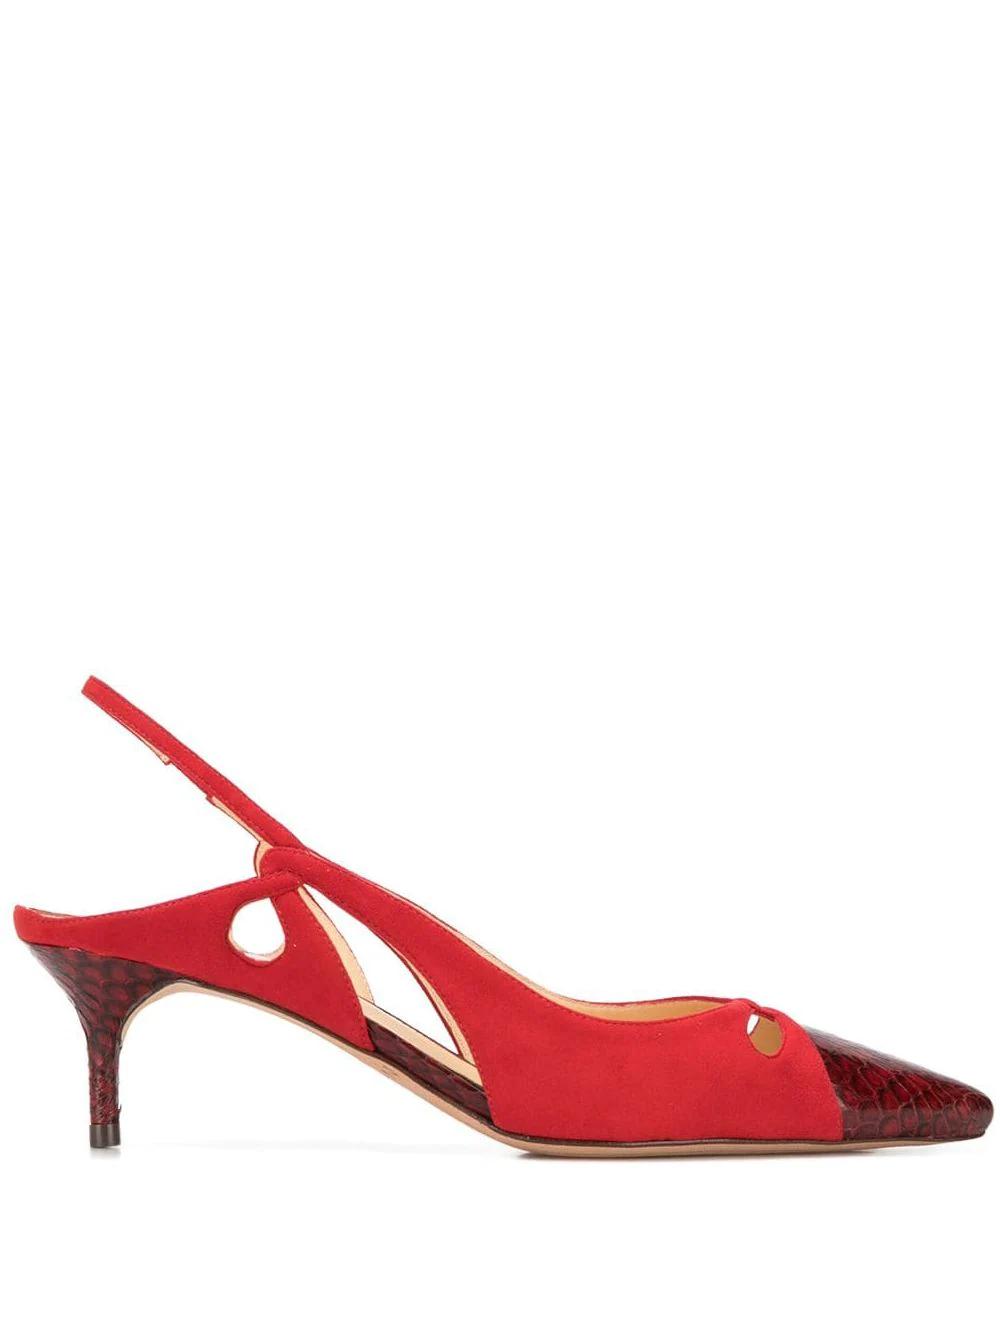 Alexandre Birman   туфли-лодочки с вырезными деталями   Clouty